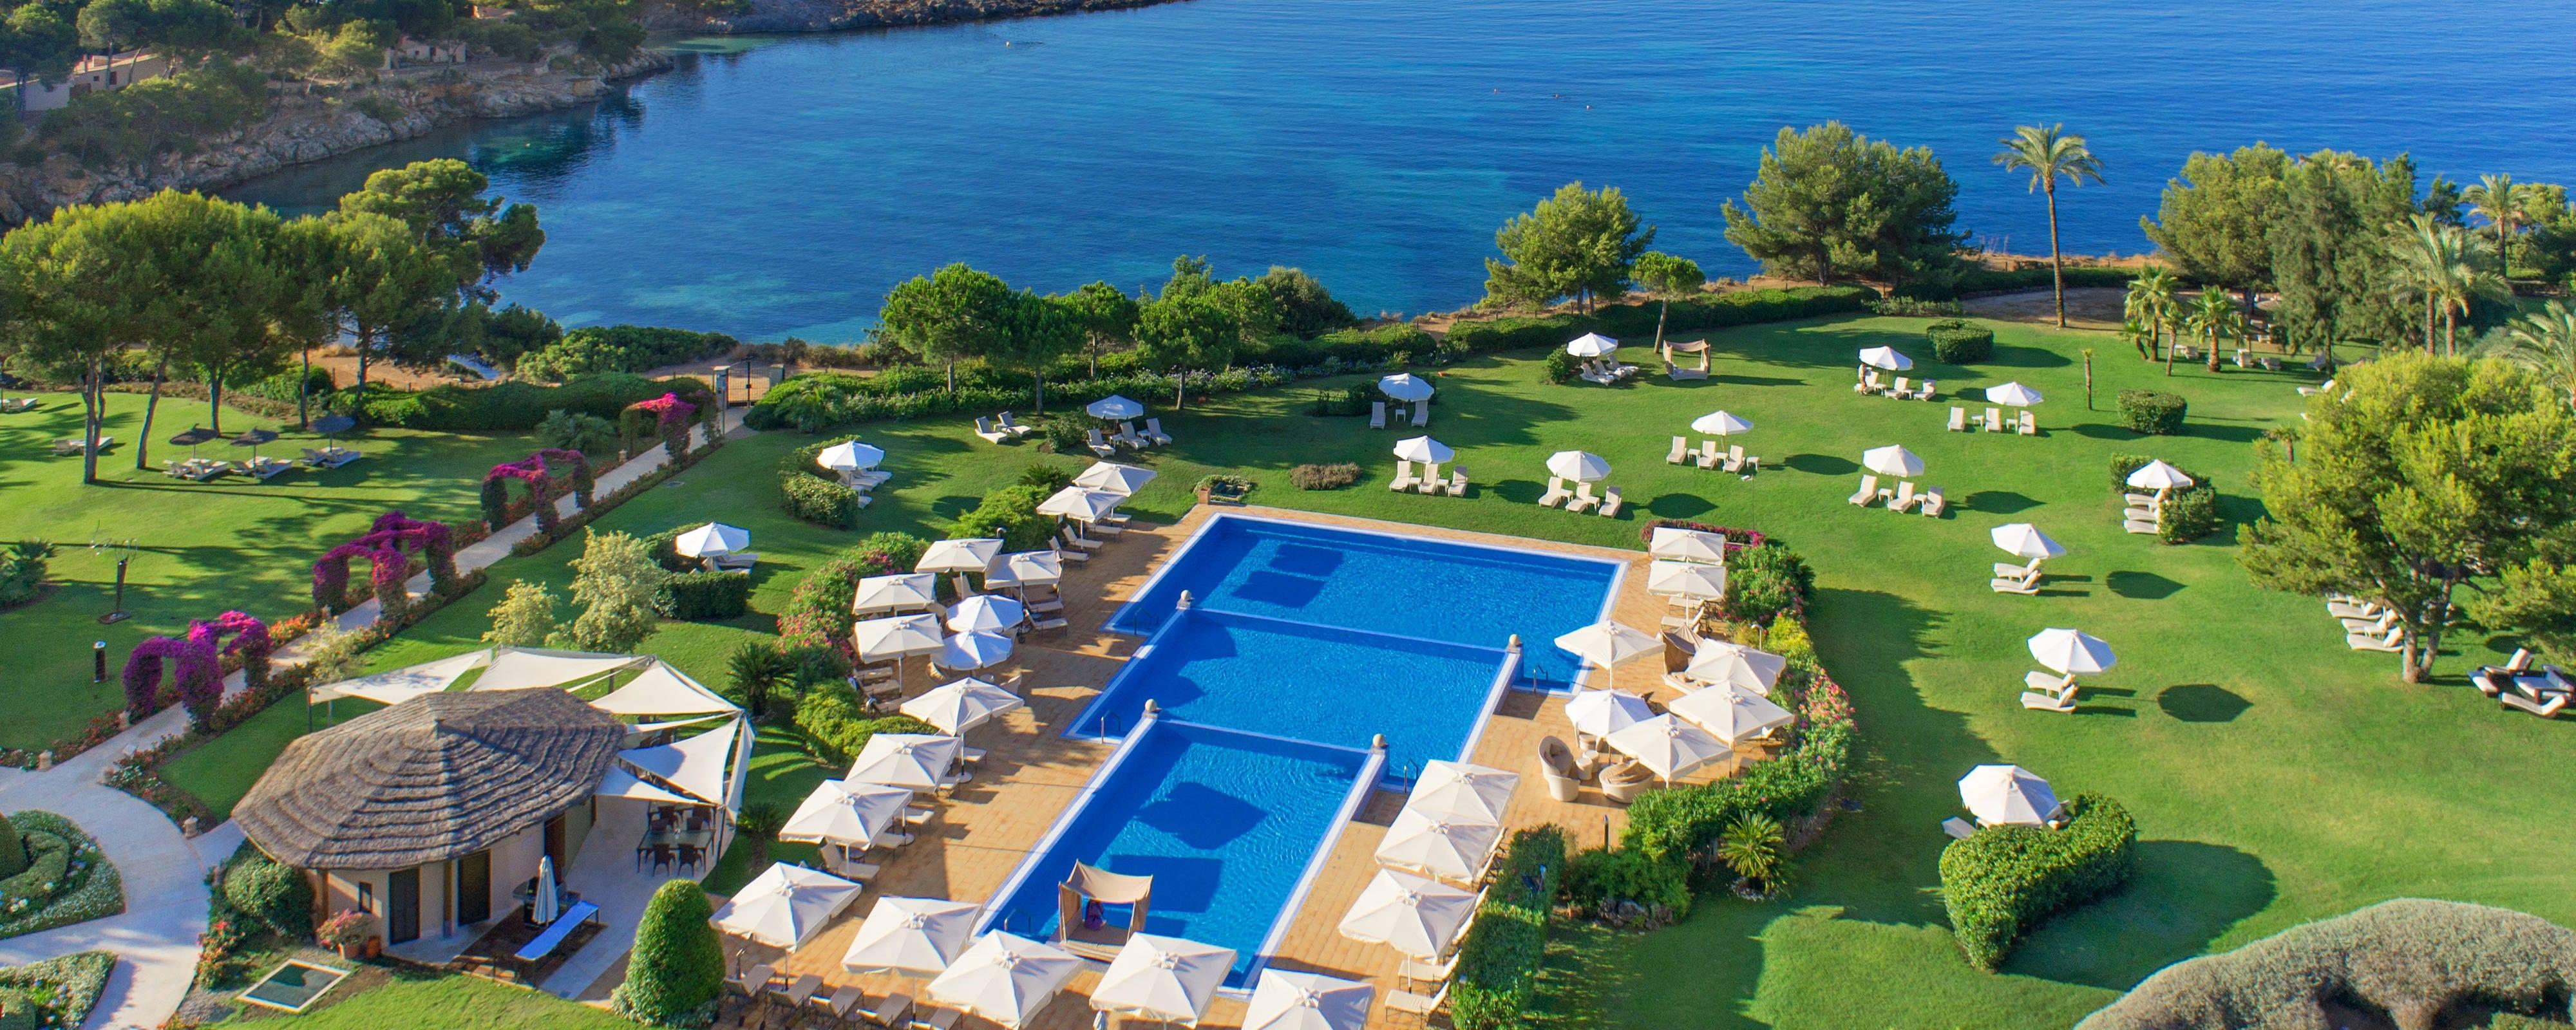 Unsere Hochzeit Auf Mallorca Spanien Sisichen